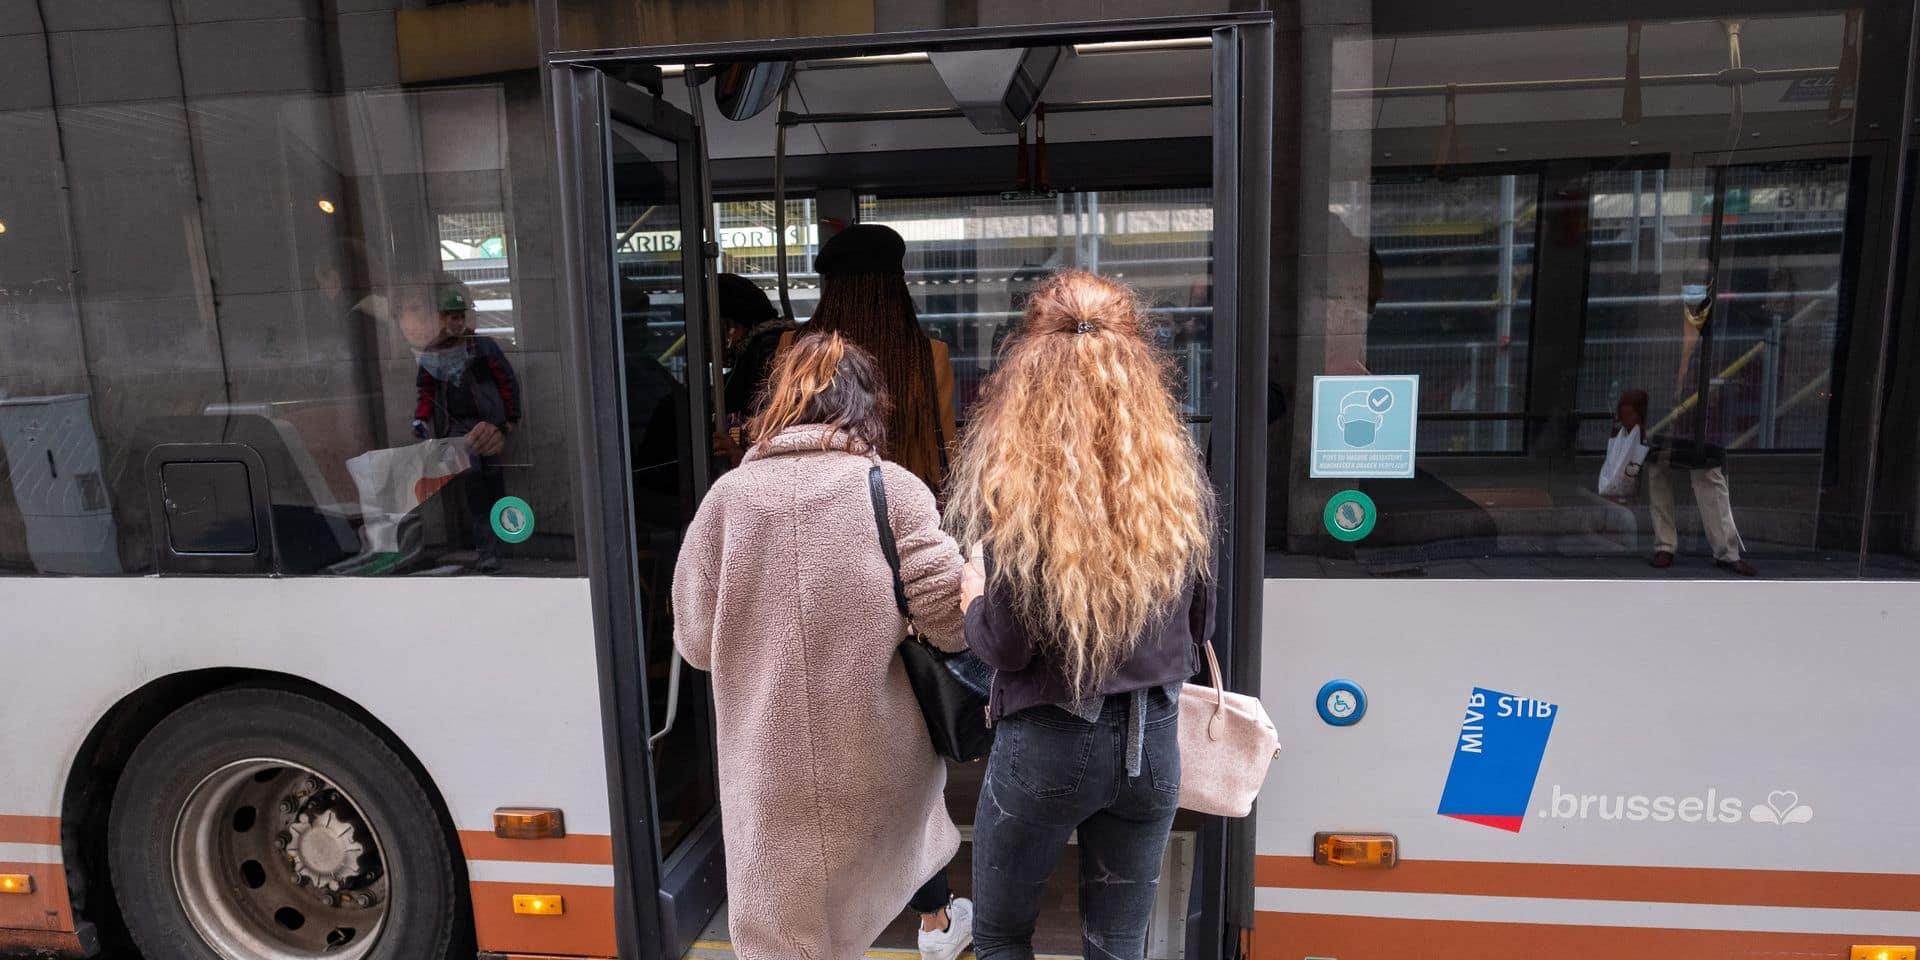 La STIB constate une diminution du nombre de voyageurs, probable conséquence du télétravail